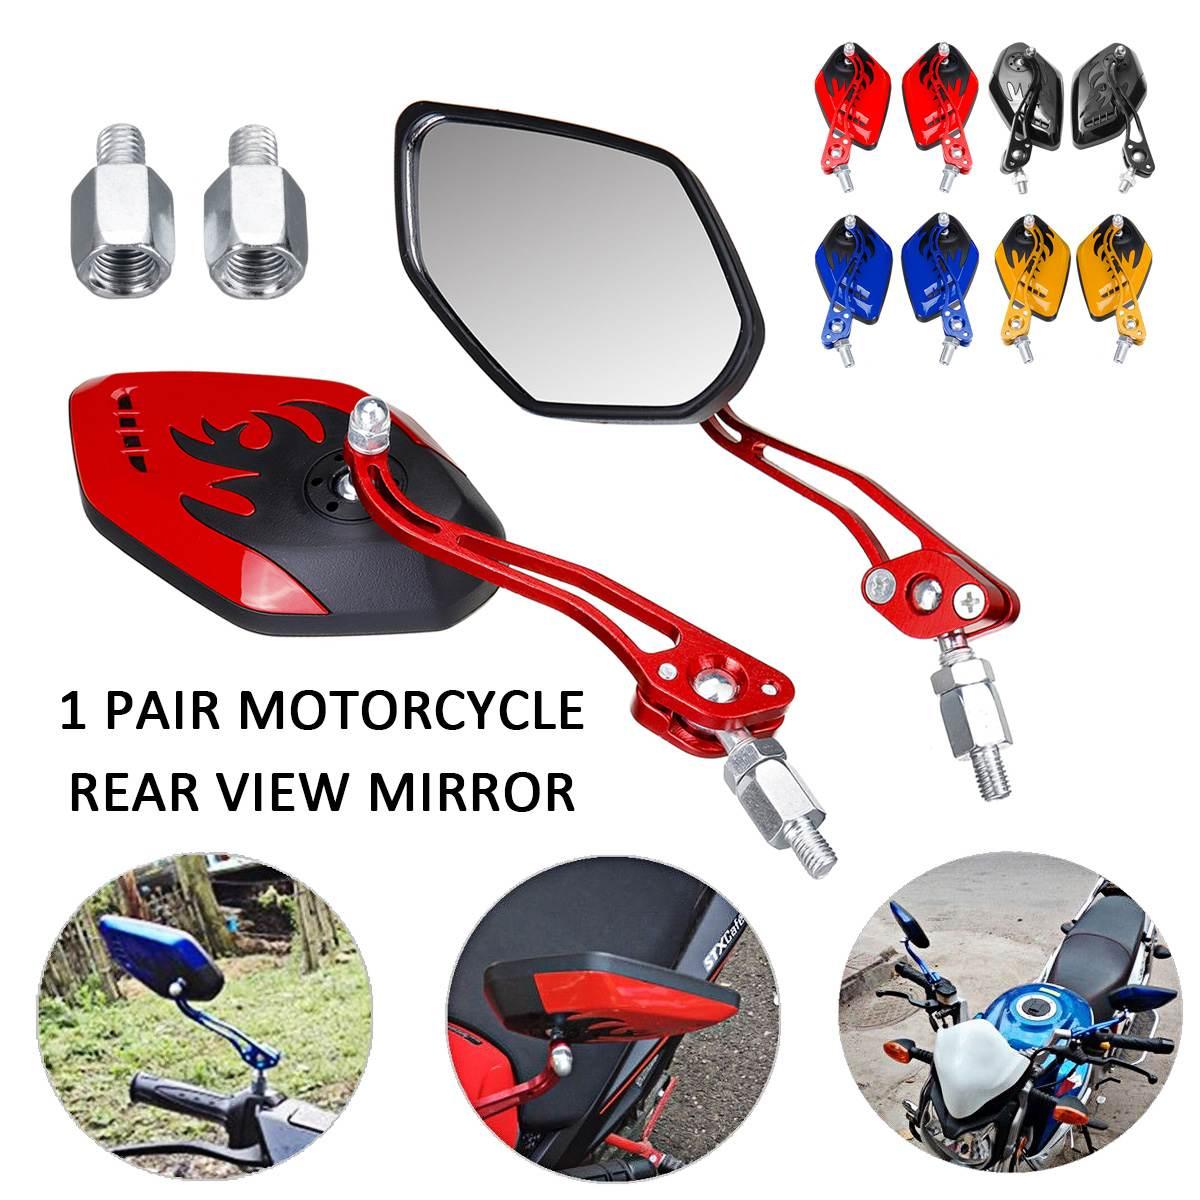 1 Paar Universal Motorrad Rückspiegel 8/10mm 360 Grad Rotation Motorrad Motorrad Roller Rückansicht Seite Zurück Spiegel